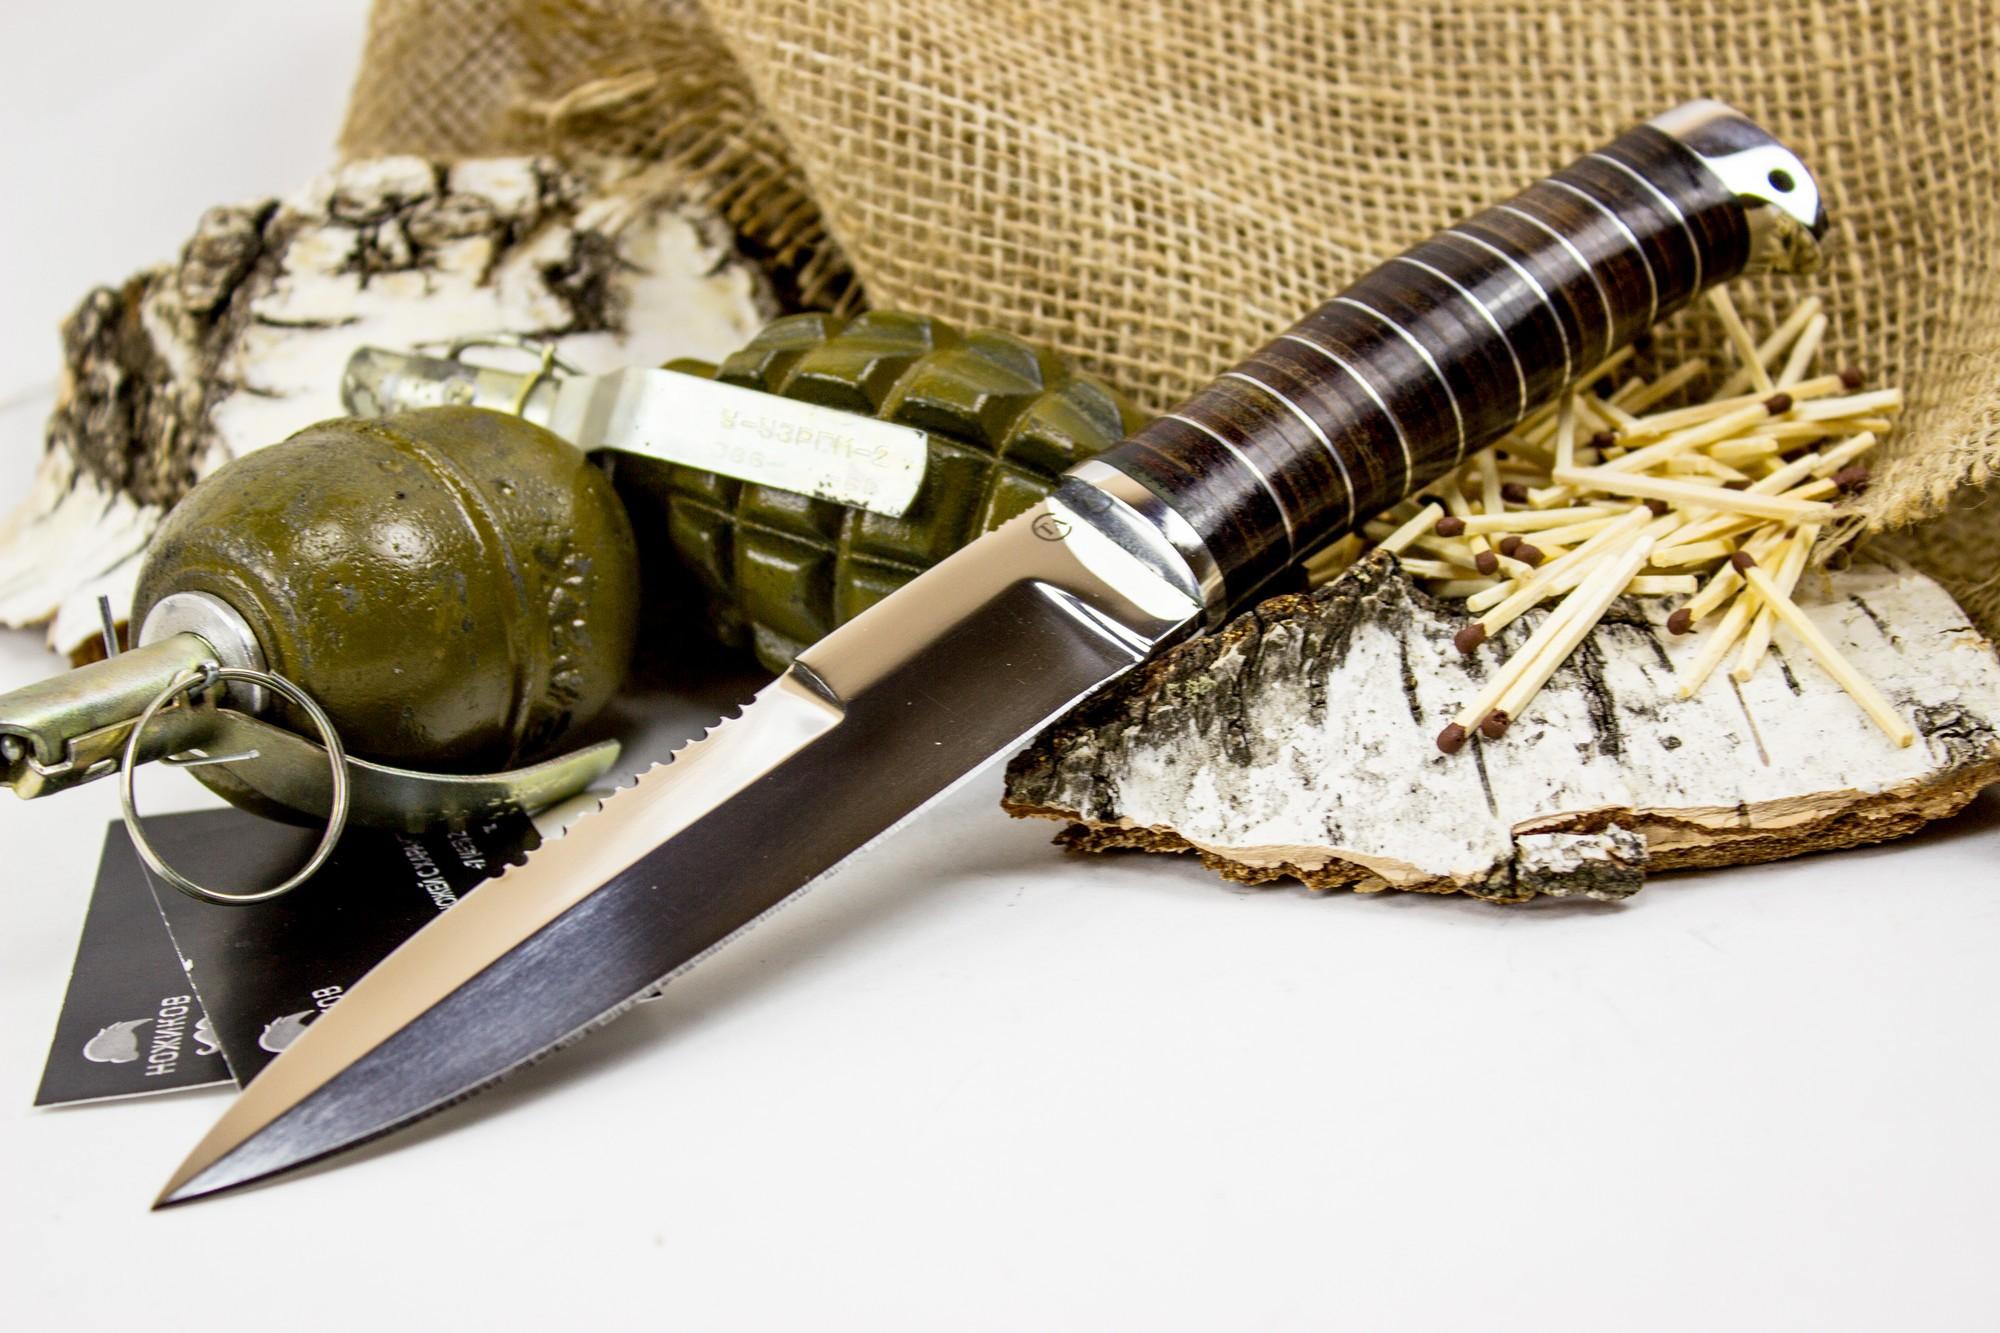 Фото 2 - Нож Пограничник, сталь 95х18, кожа от Титов и Солдатова